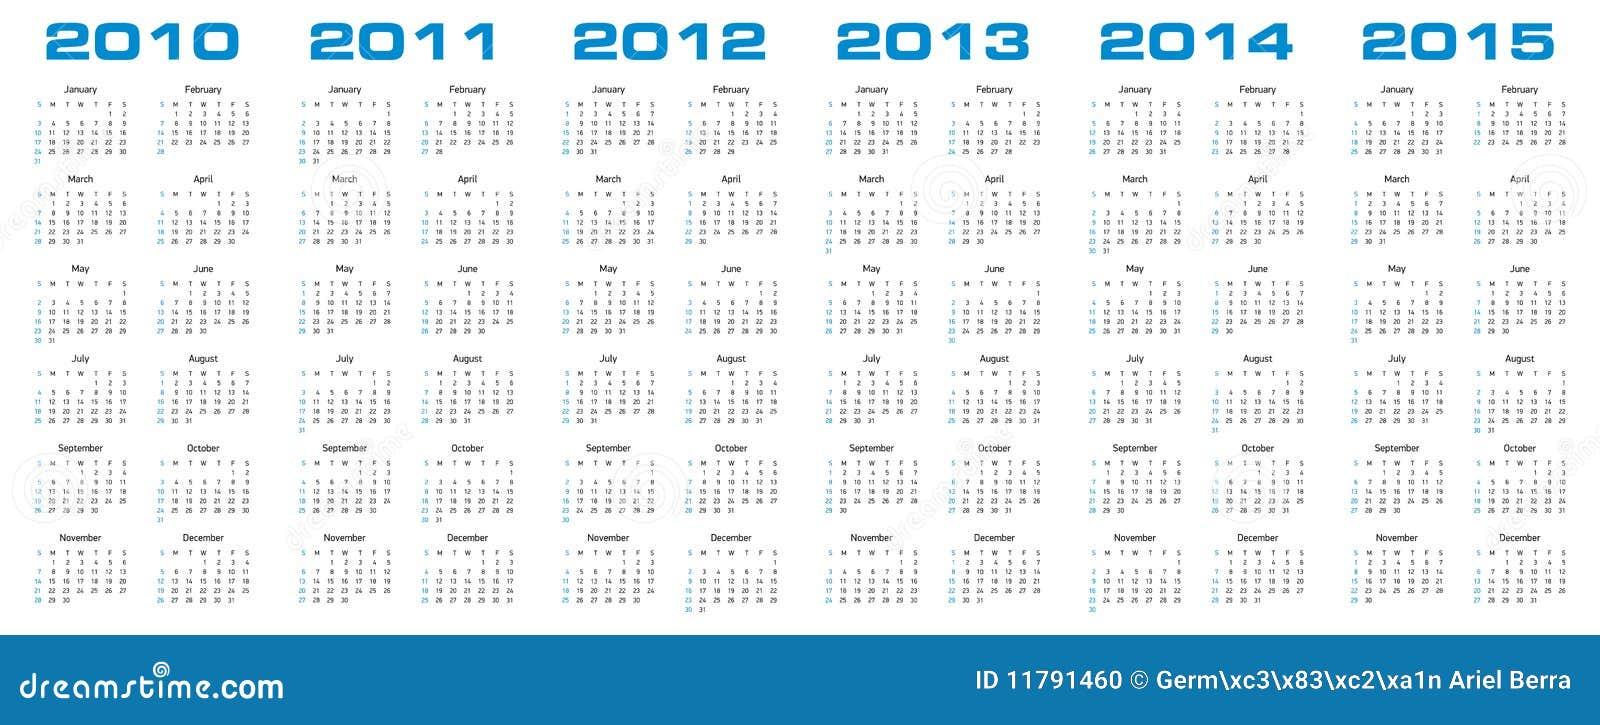 Calendar For 2010 Through 2015 Stock Photo - Image: 11791460